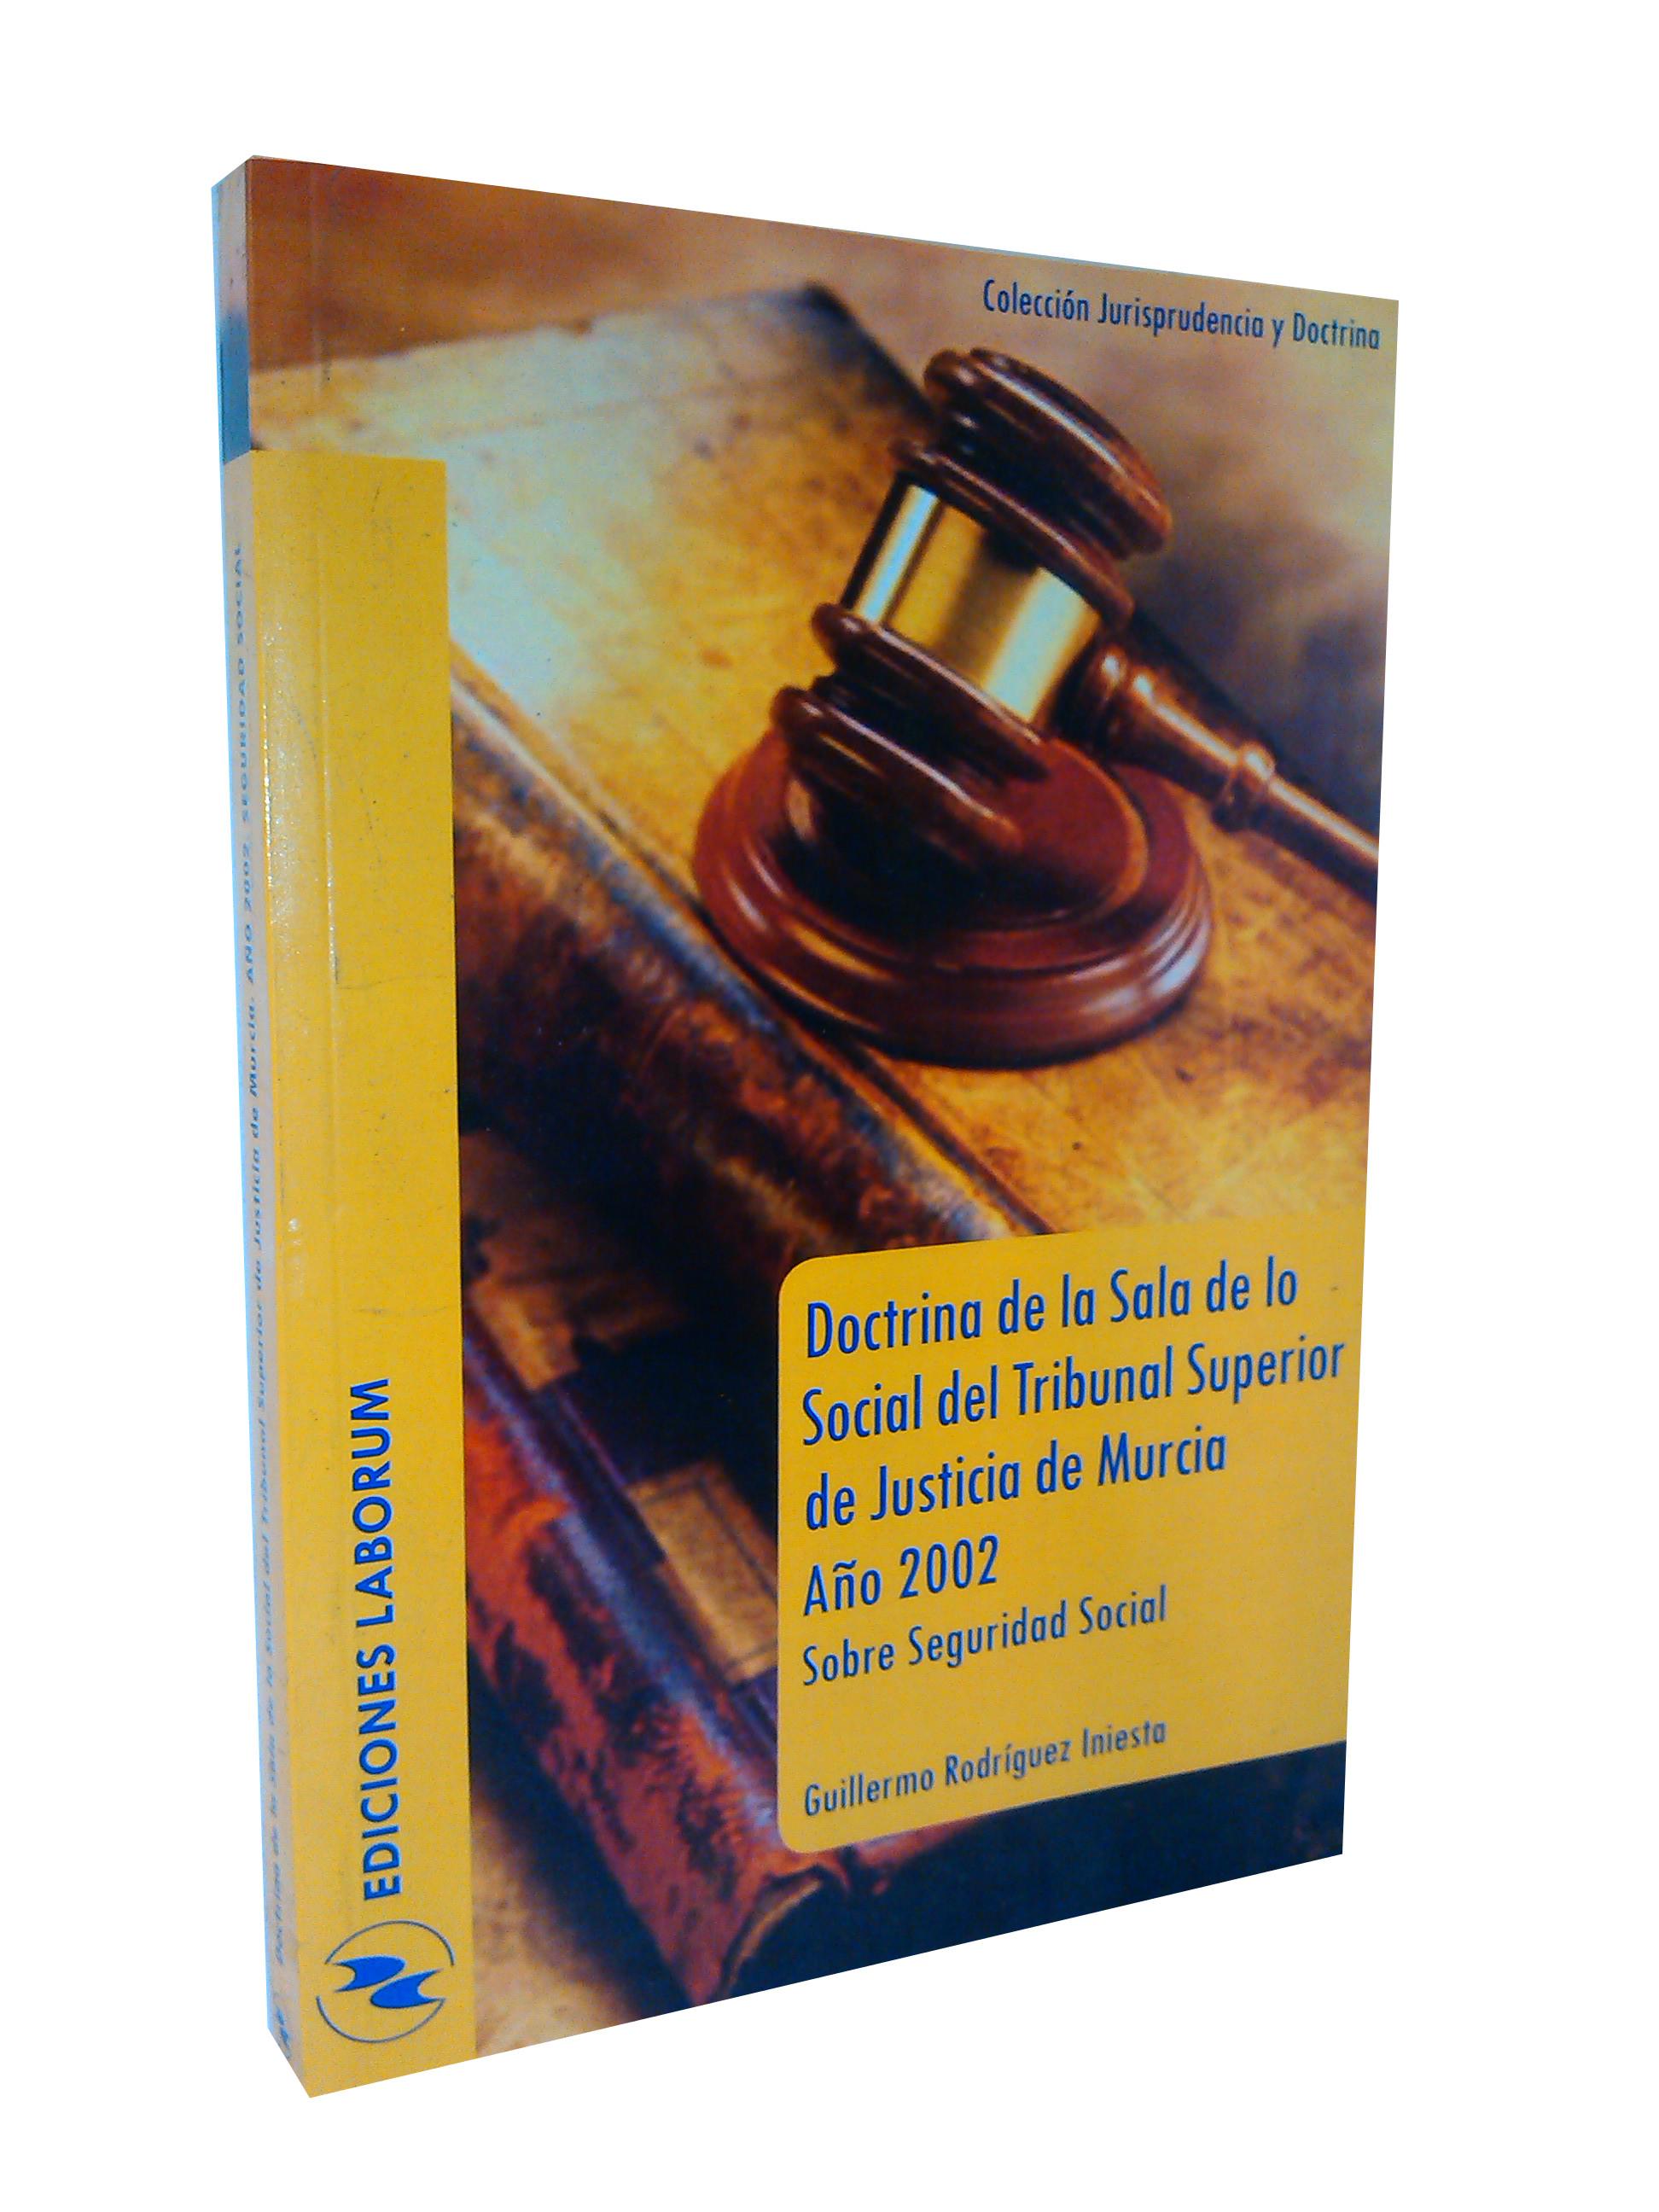 Doctrina de la Sala de lo Social del Tribunal Superior de Justicia de Murcia Año 2002 – Sobre Seguridad Social